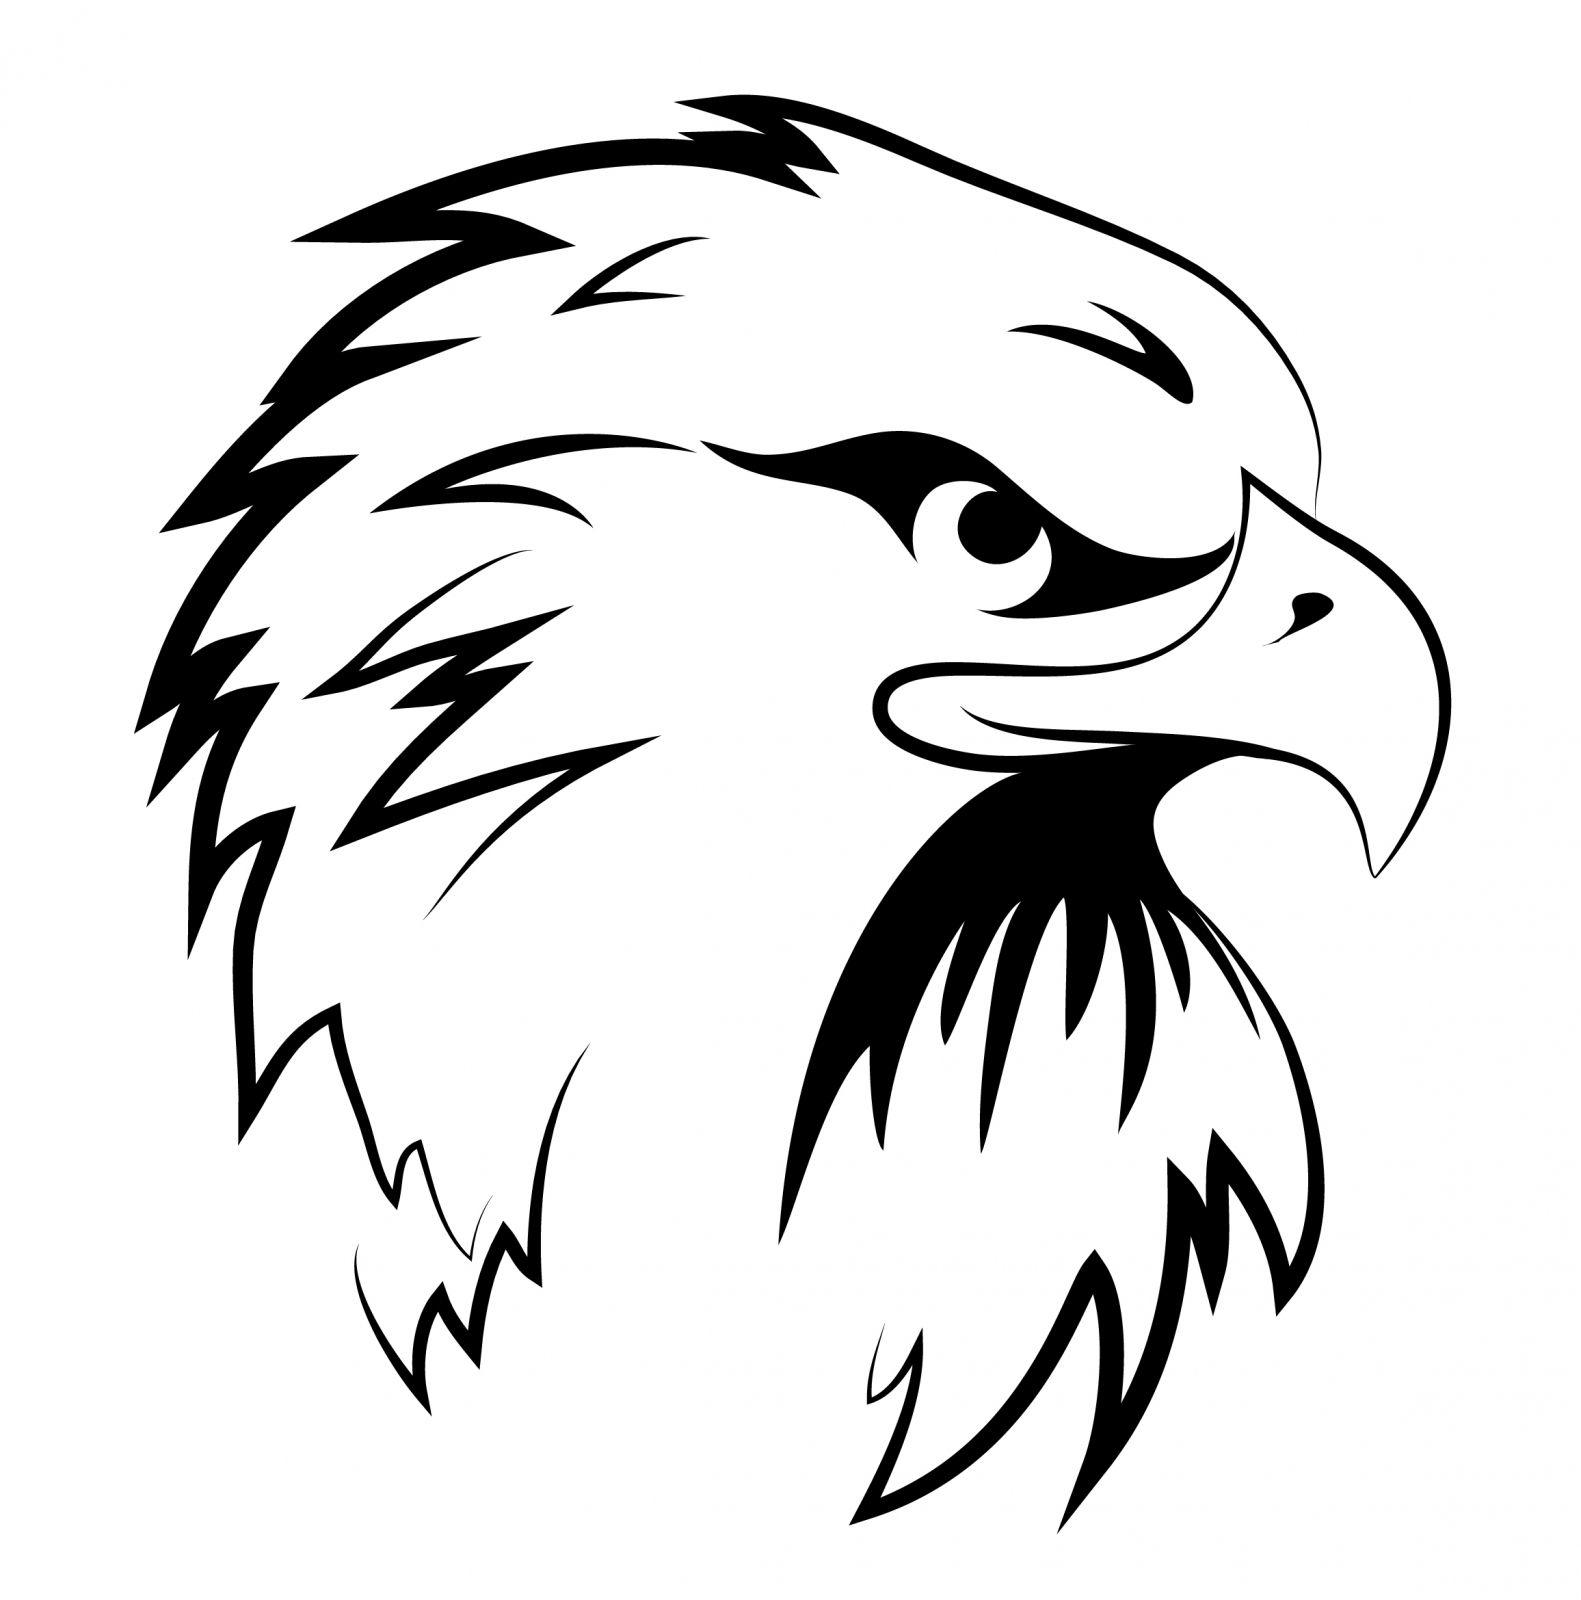 Black and White Eagle Head Clipart Dessin tigre, Image